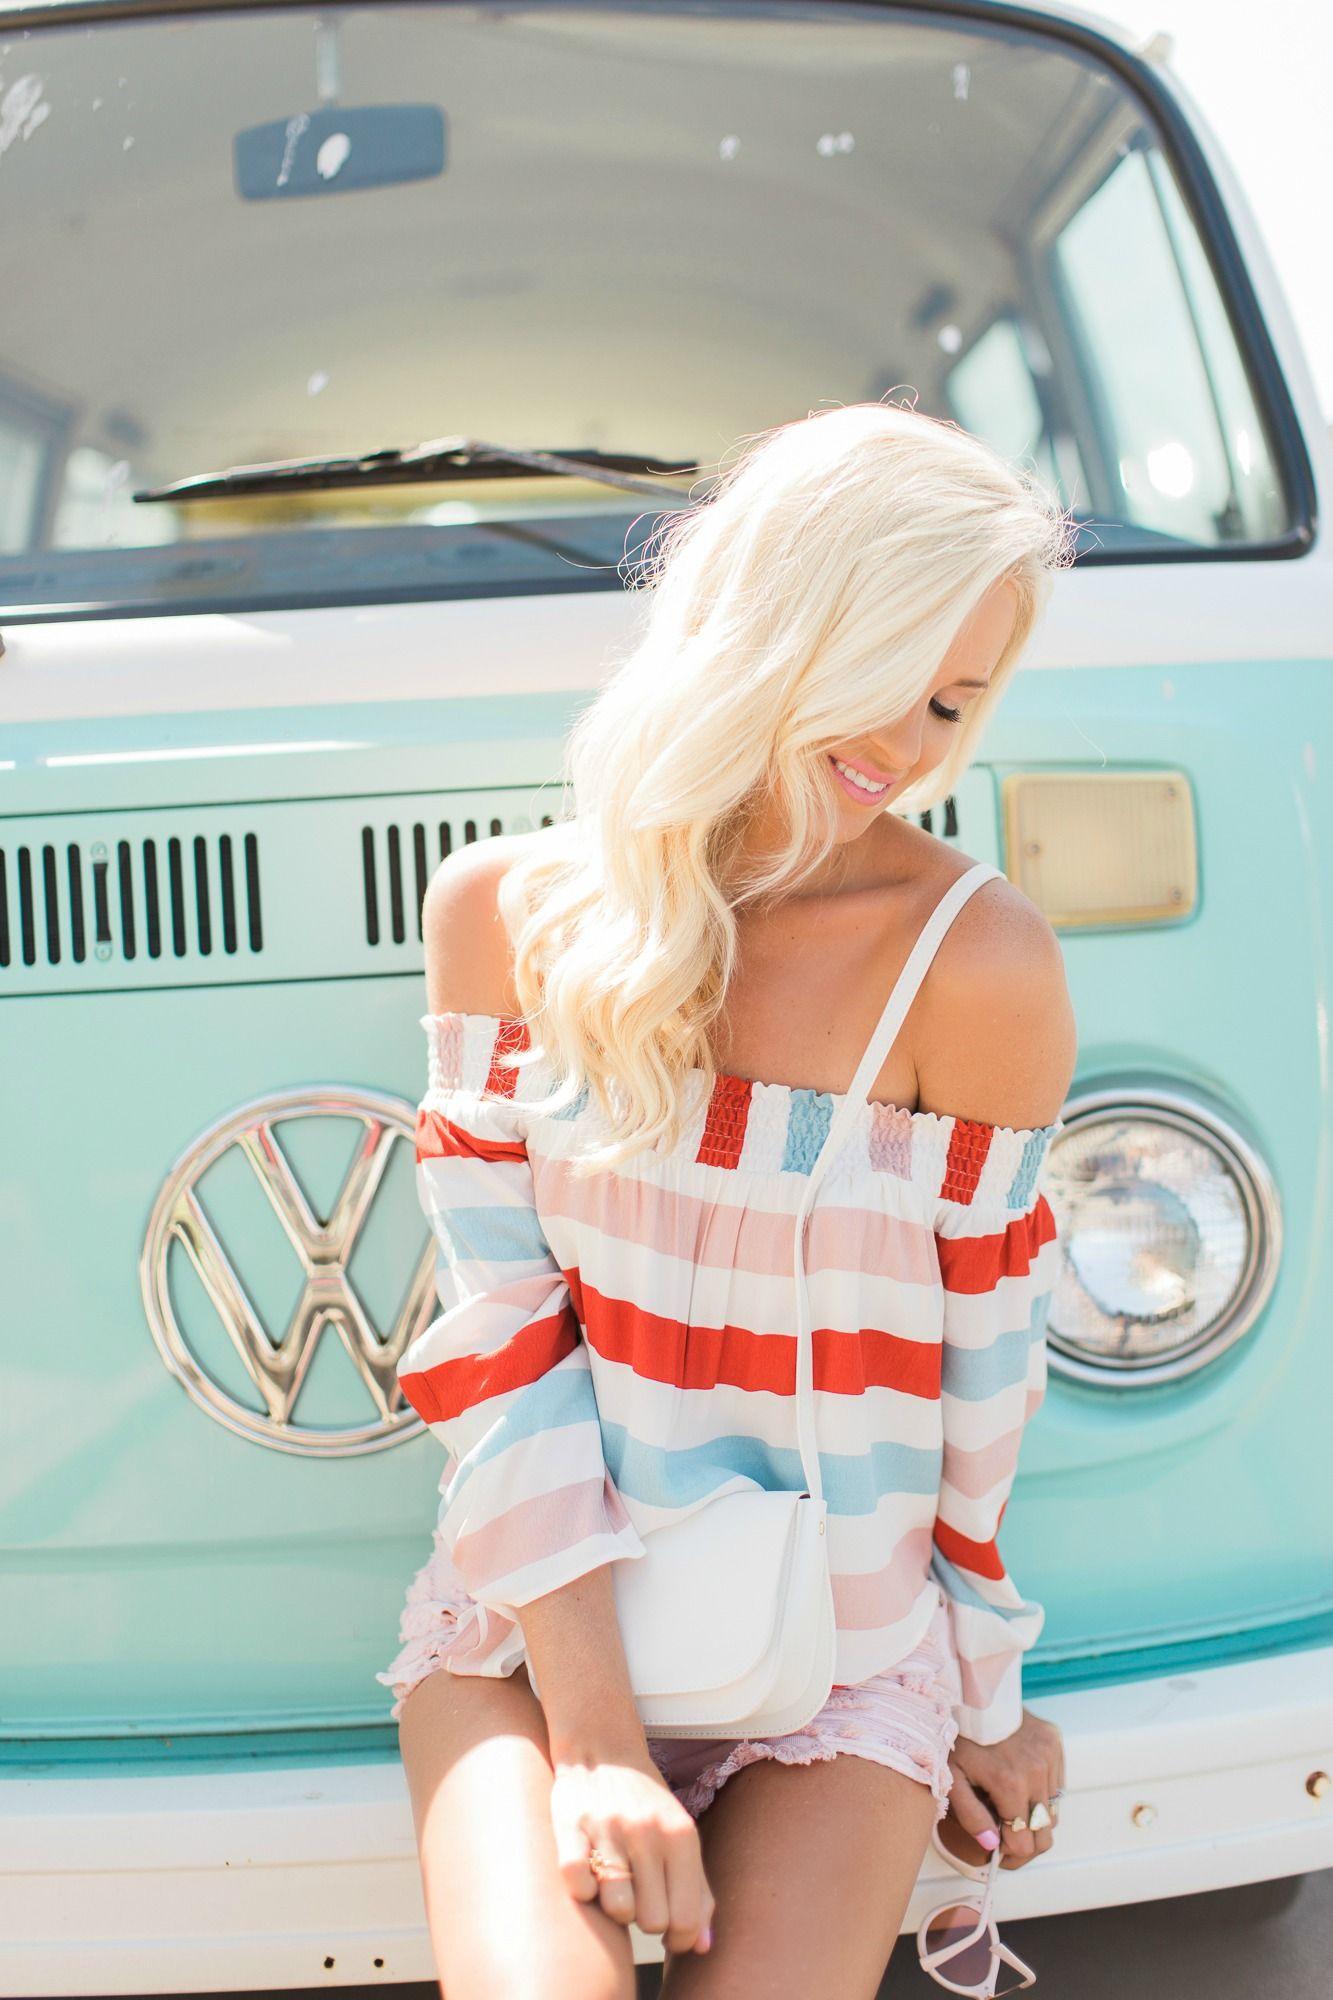 lovers friends stripped top blush denim shorts  style mckenna bleu autos